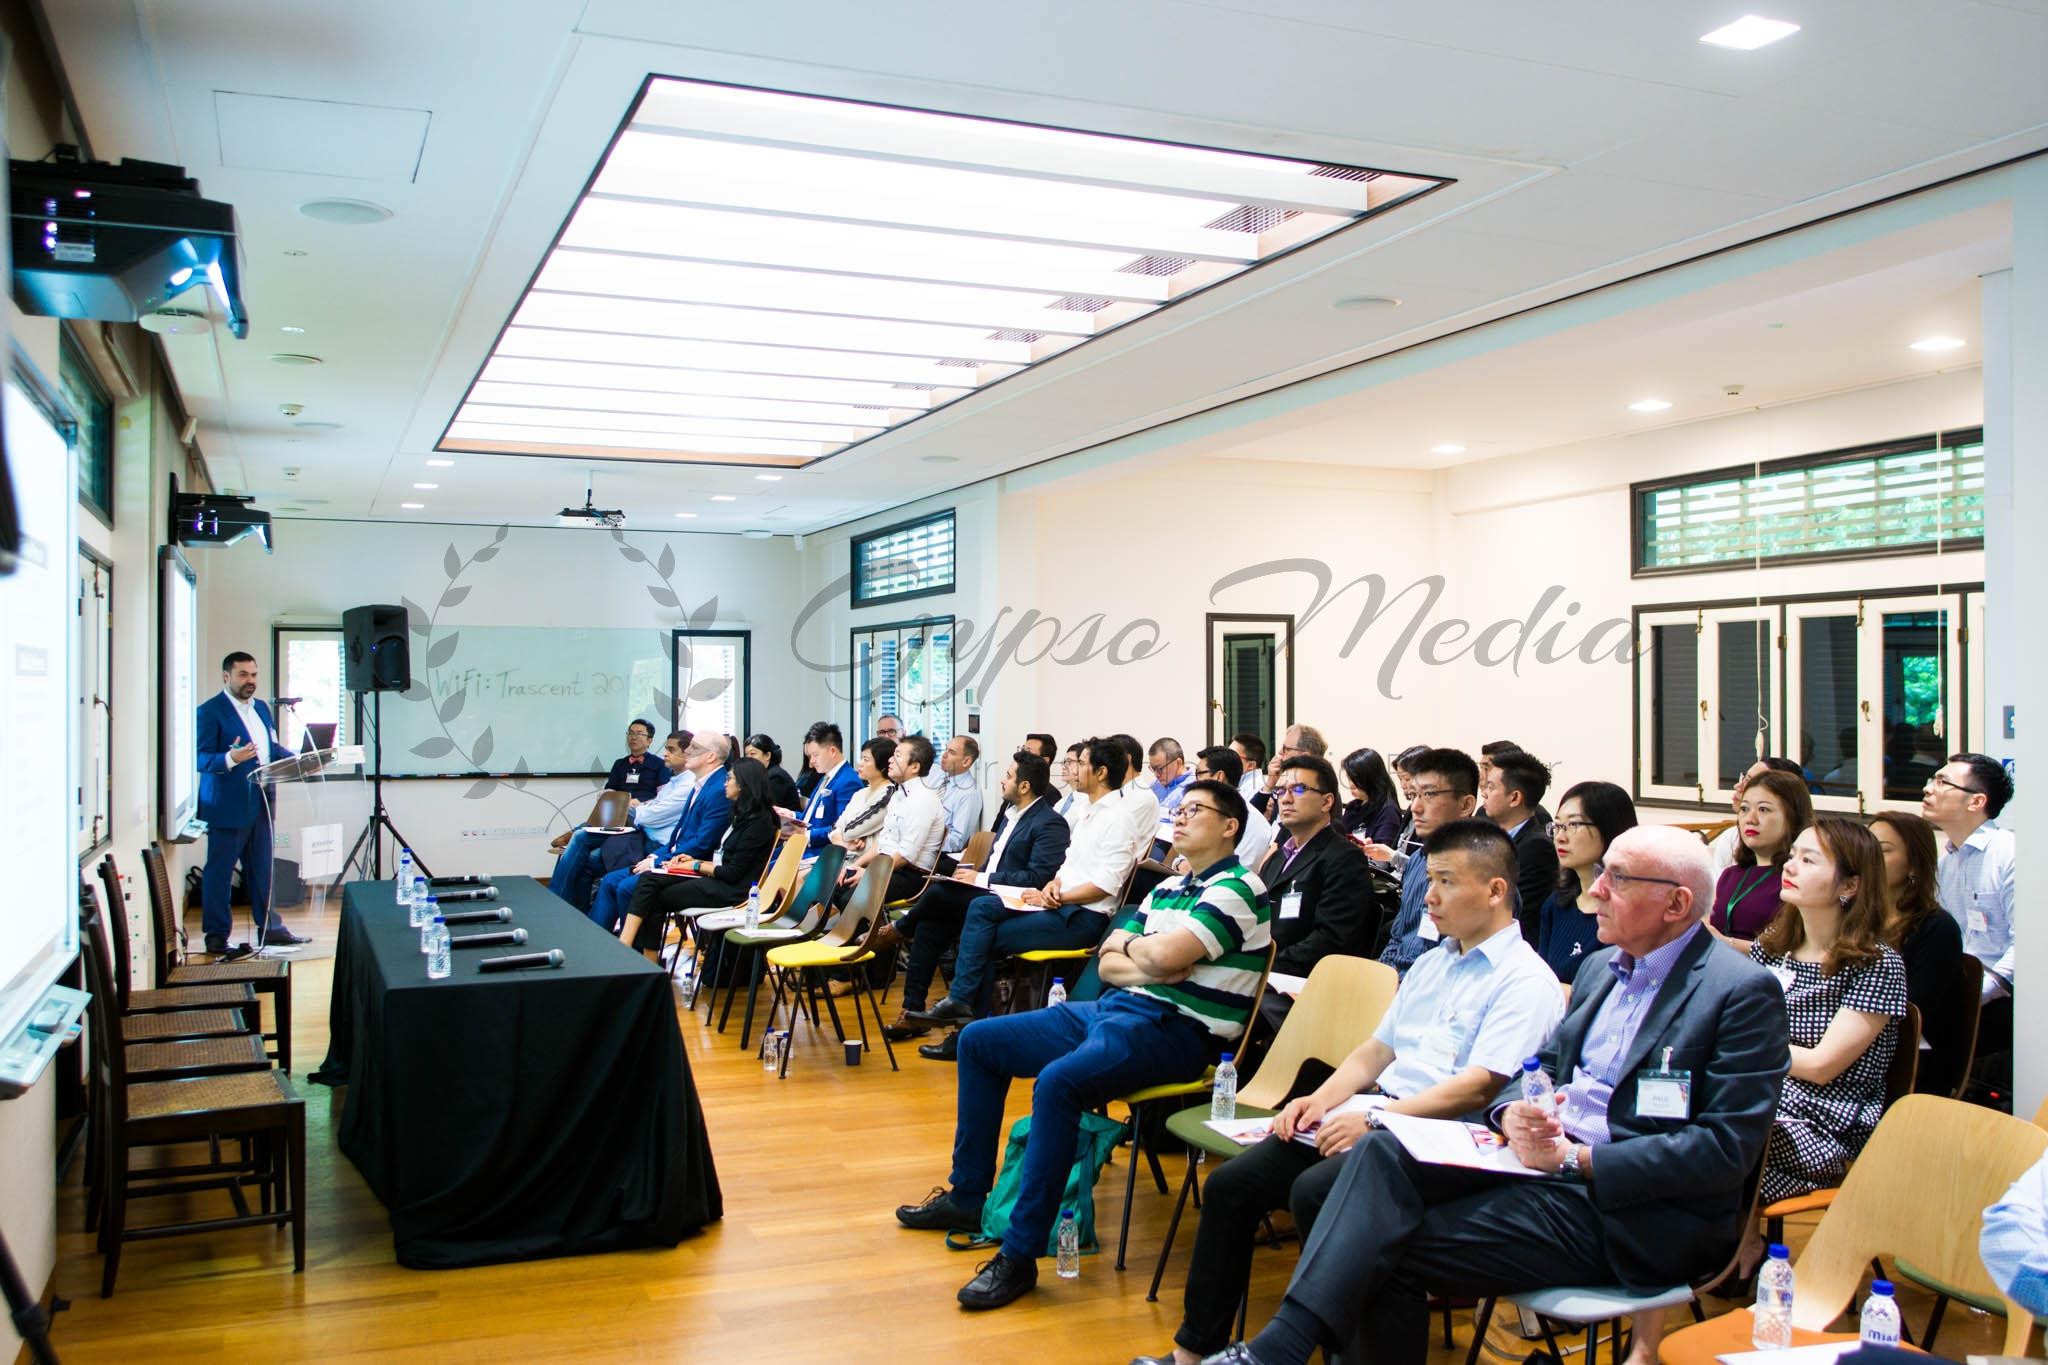 Event Photography Singapore | www.gypsomedia.com